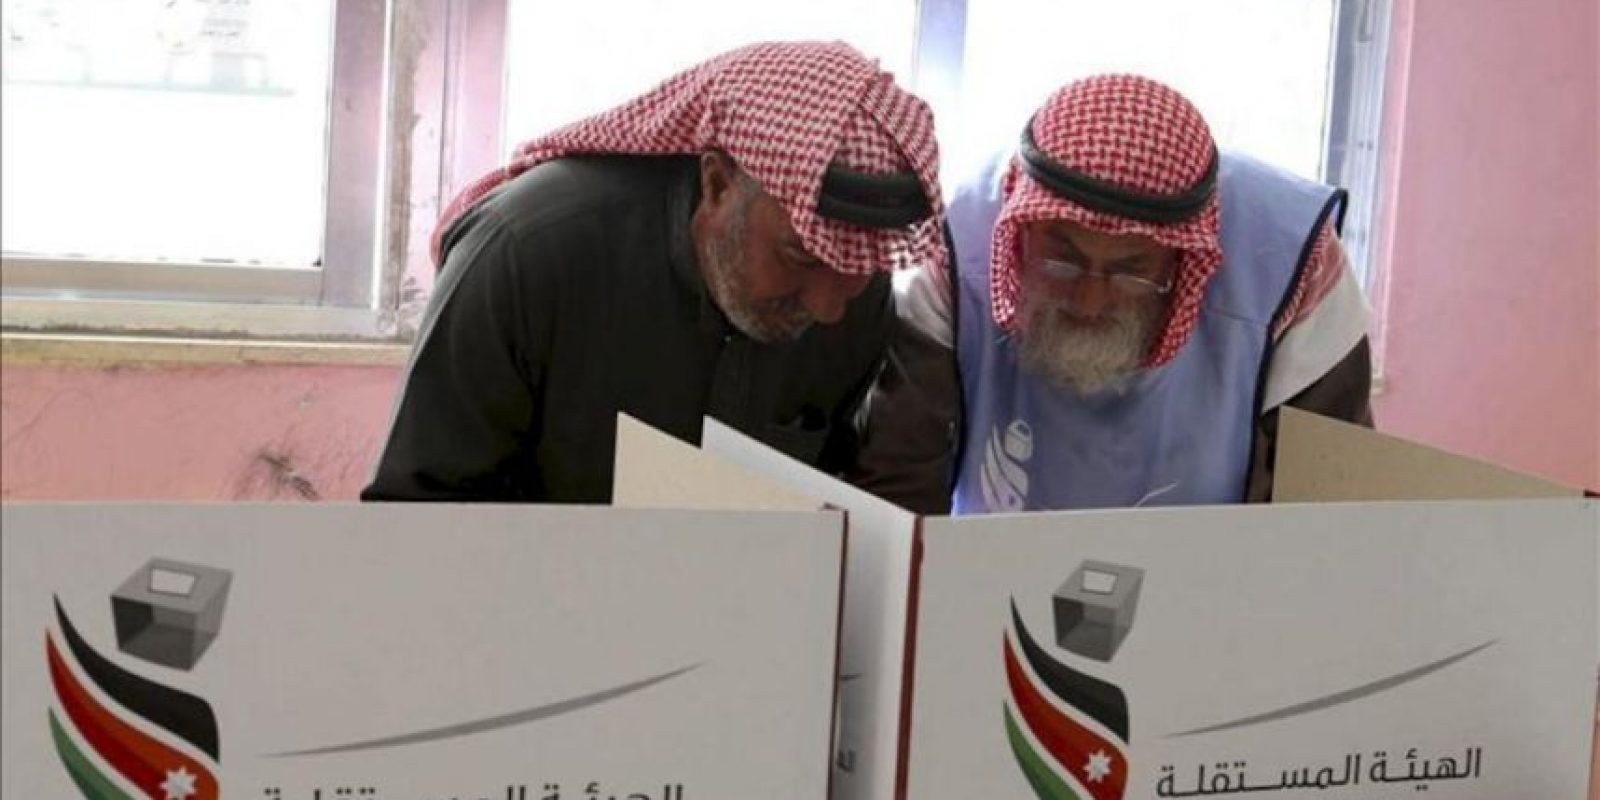 Dos hombres ejercen su derecho al voto en Amán (Jordania) hoy, miércoles 23 de enero. EFE